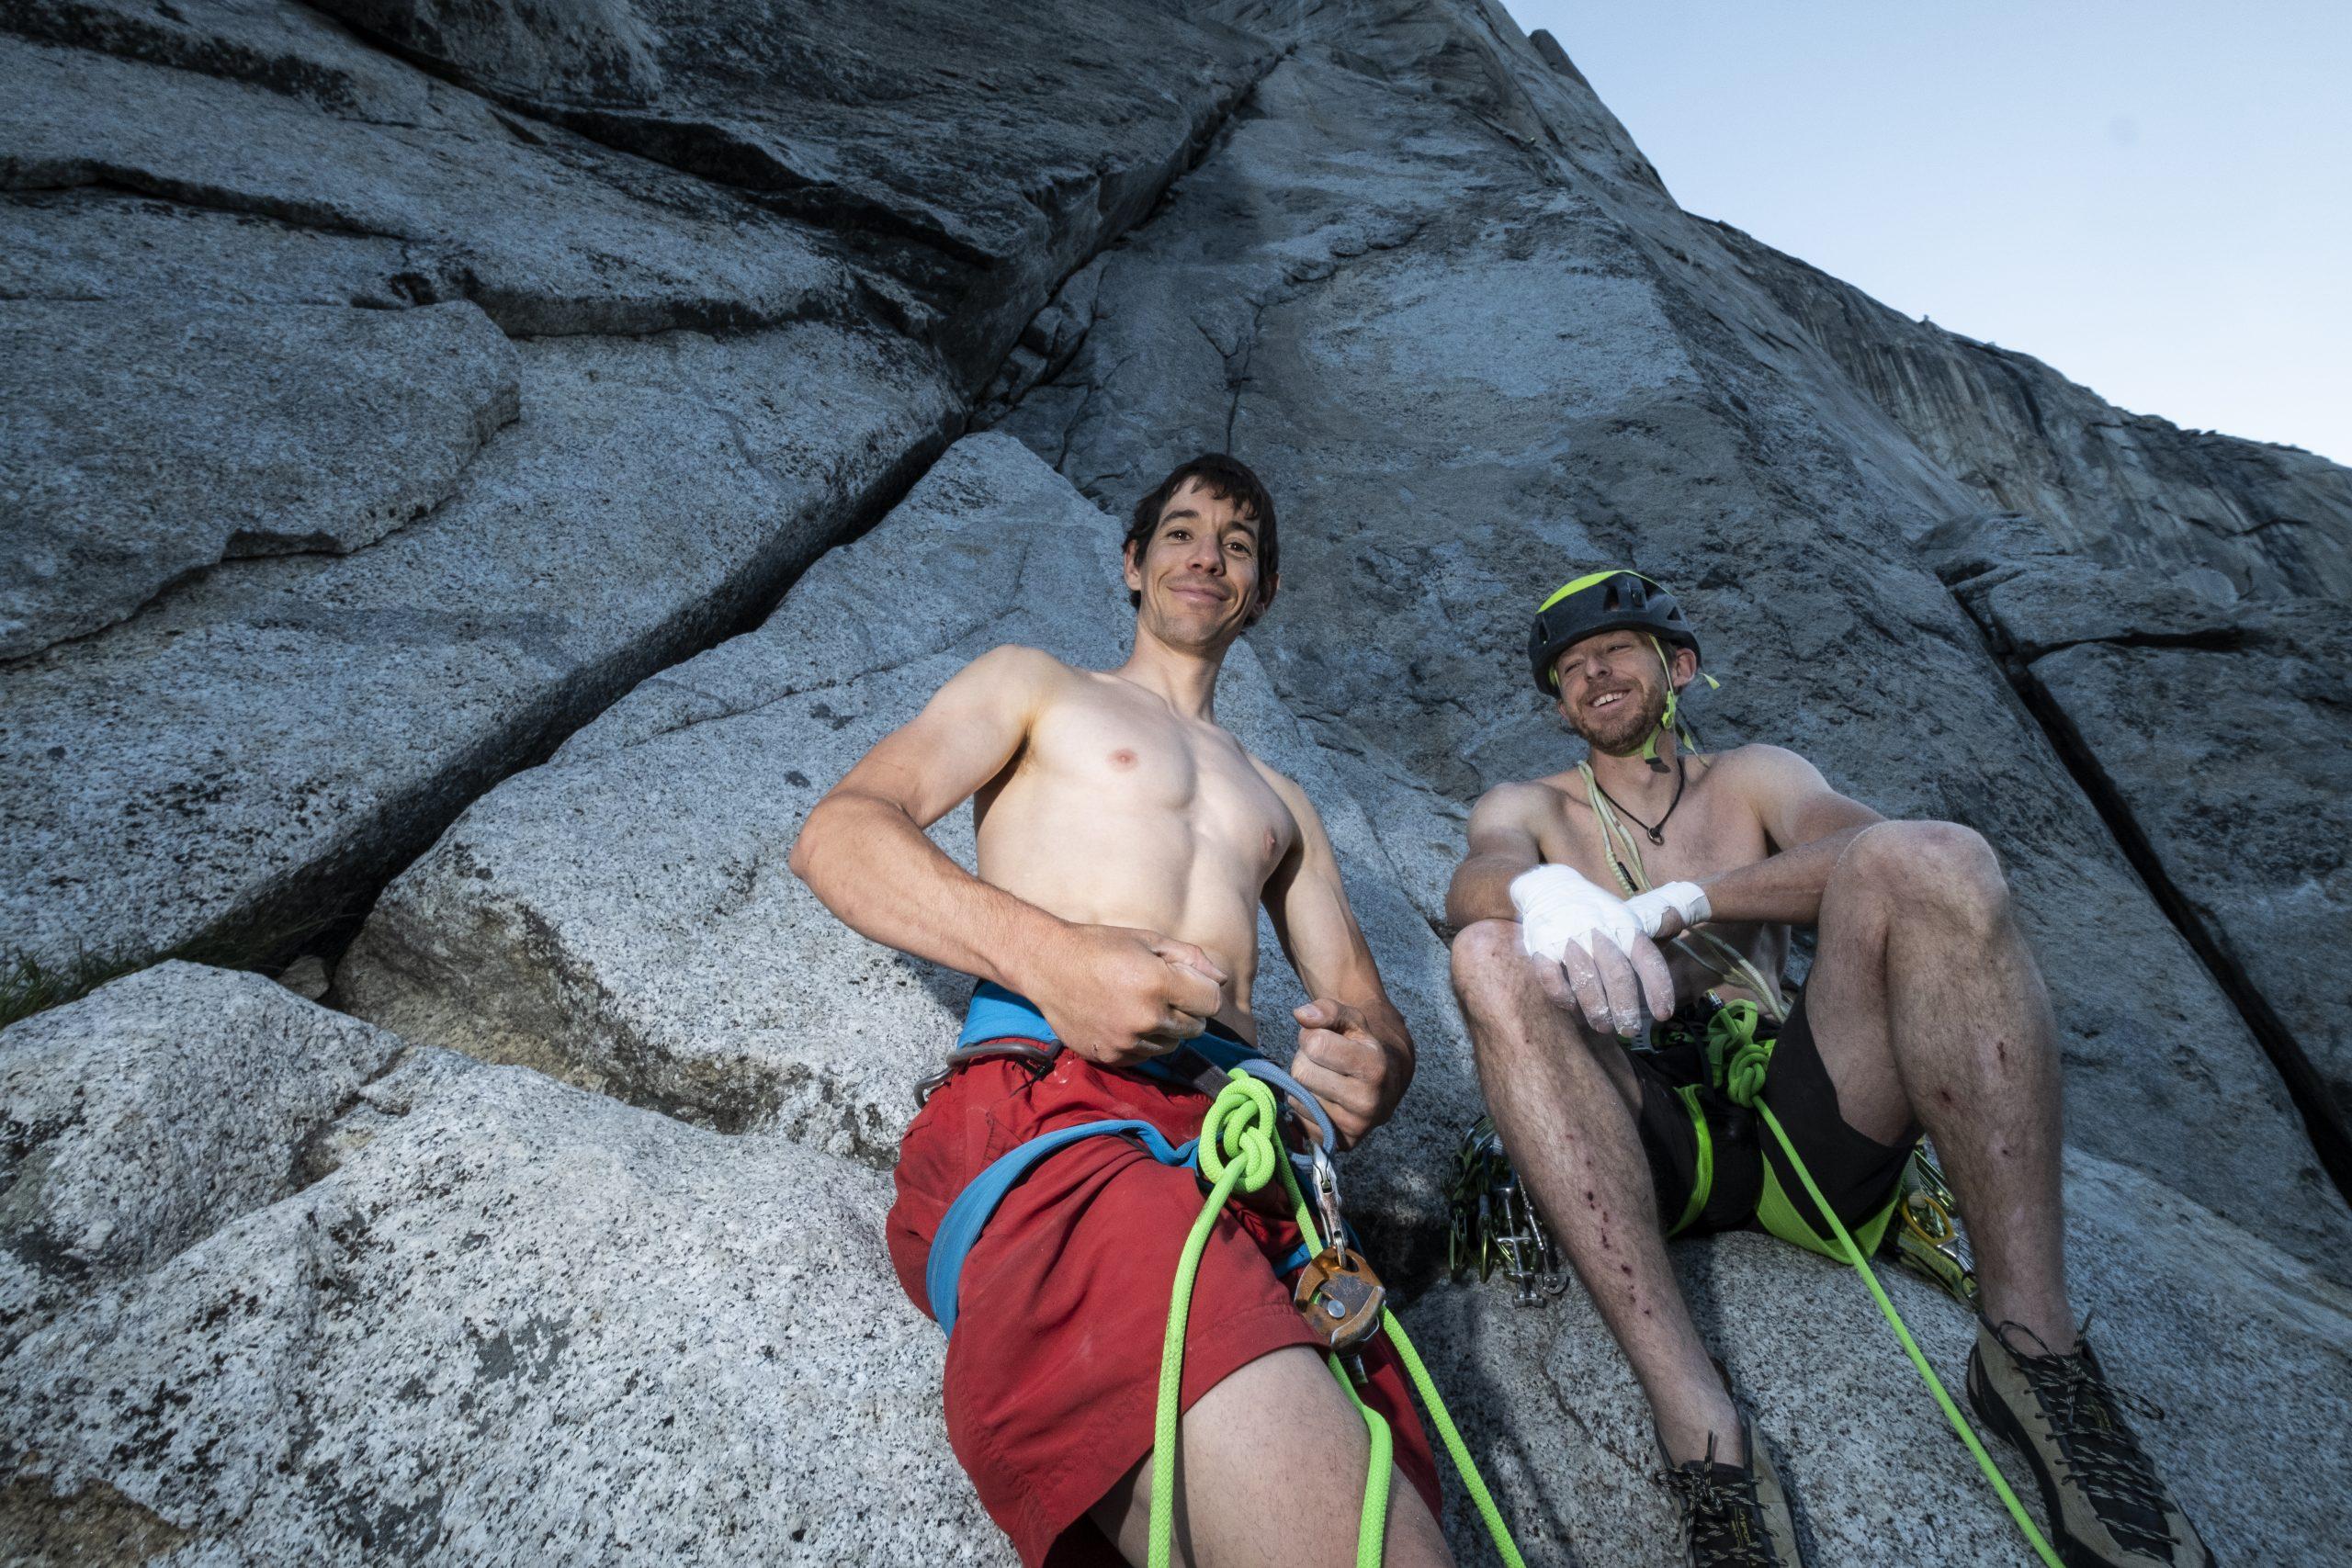 Alex Honnold und Tommy Caldwell bei ihrem Speedrekord an der Nose. Foto: Heinz Zak